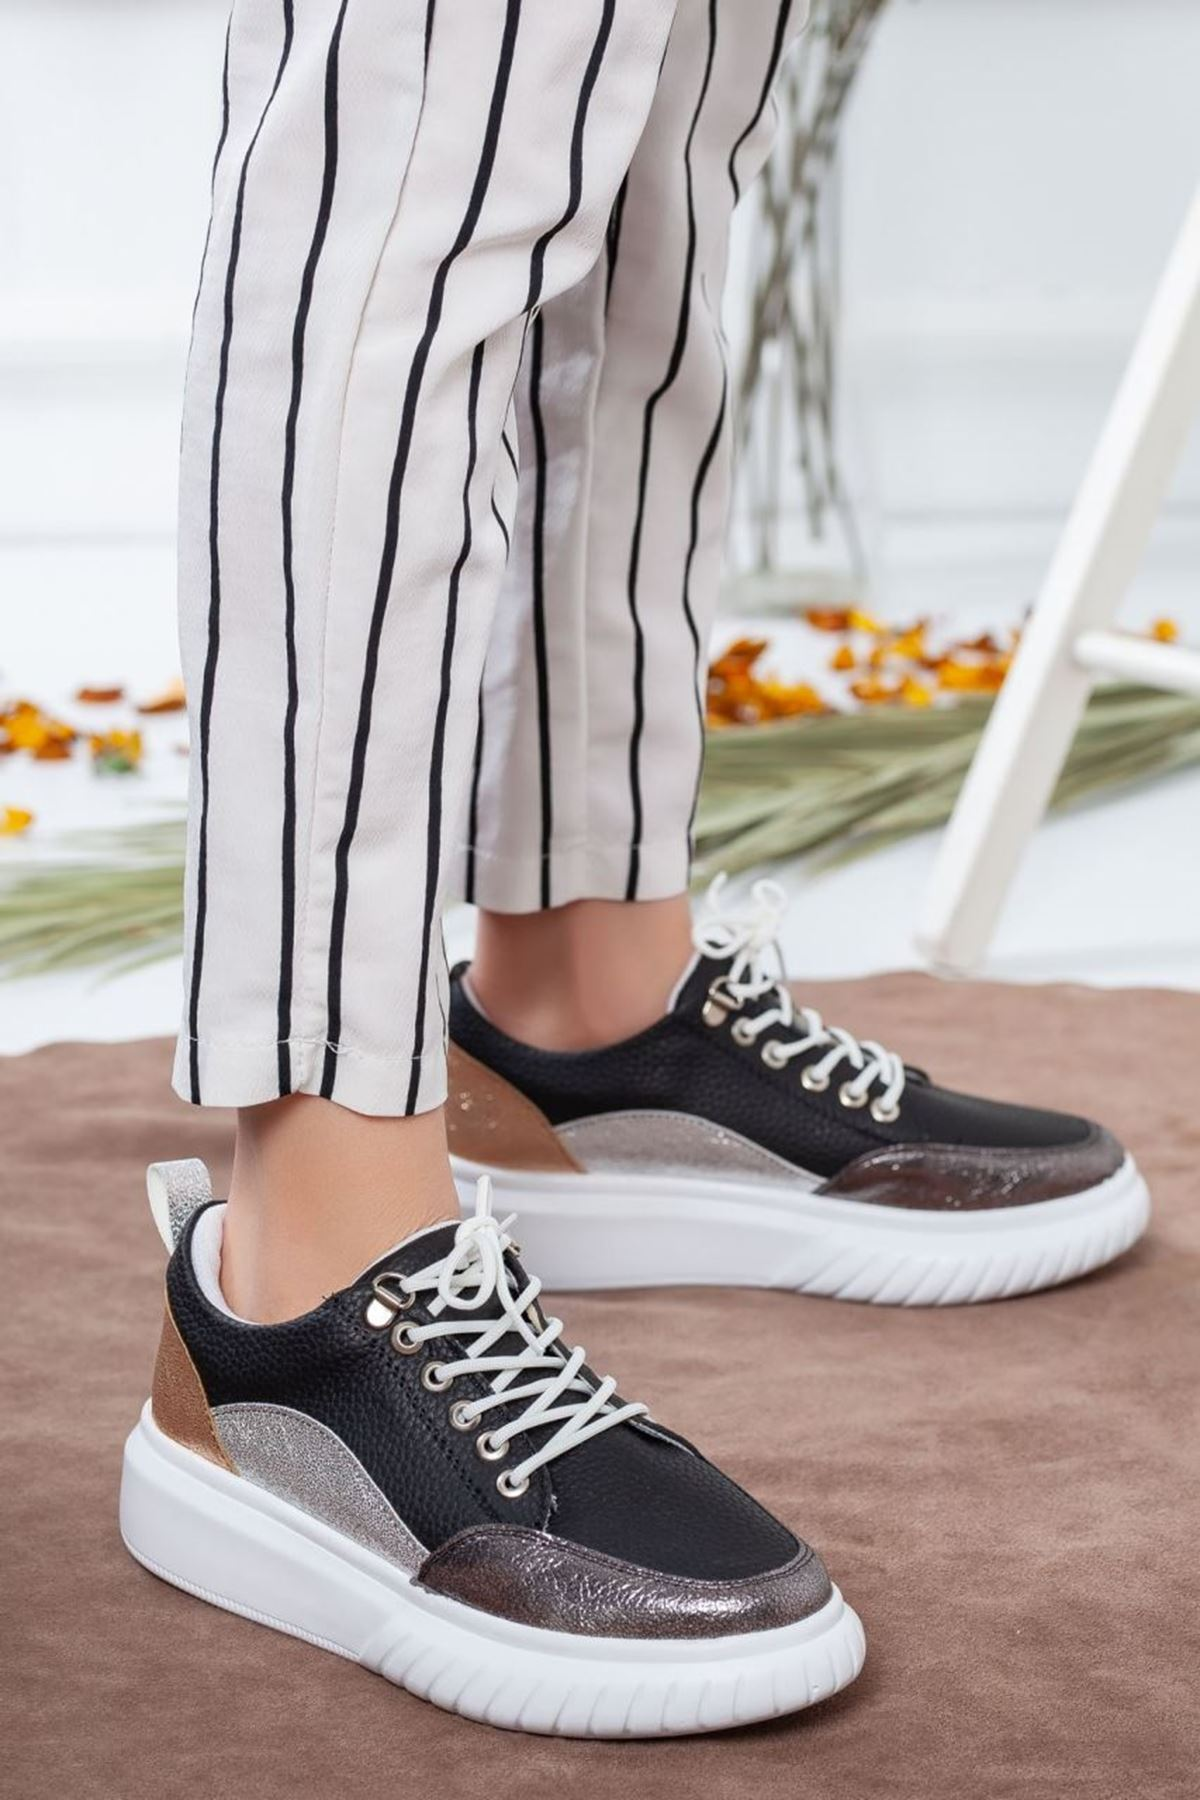 Kadın Tetis Gümüş Detay Spor Ayakkabı Siyah